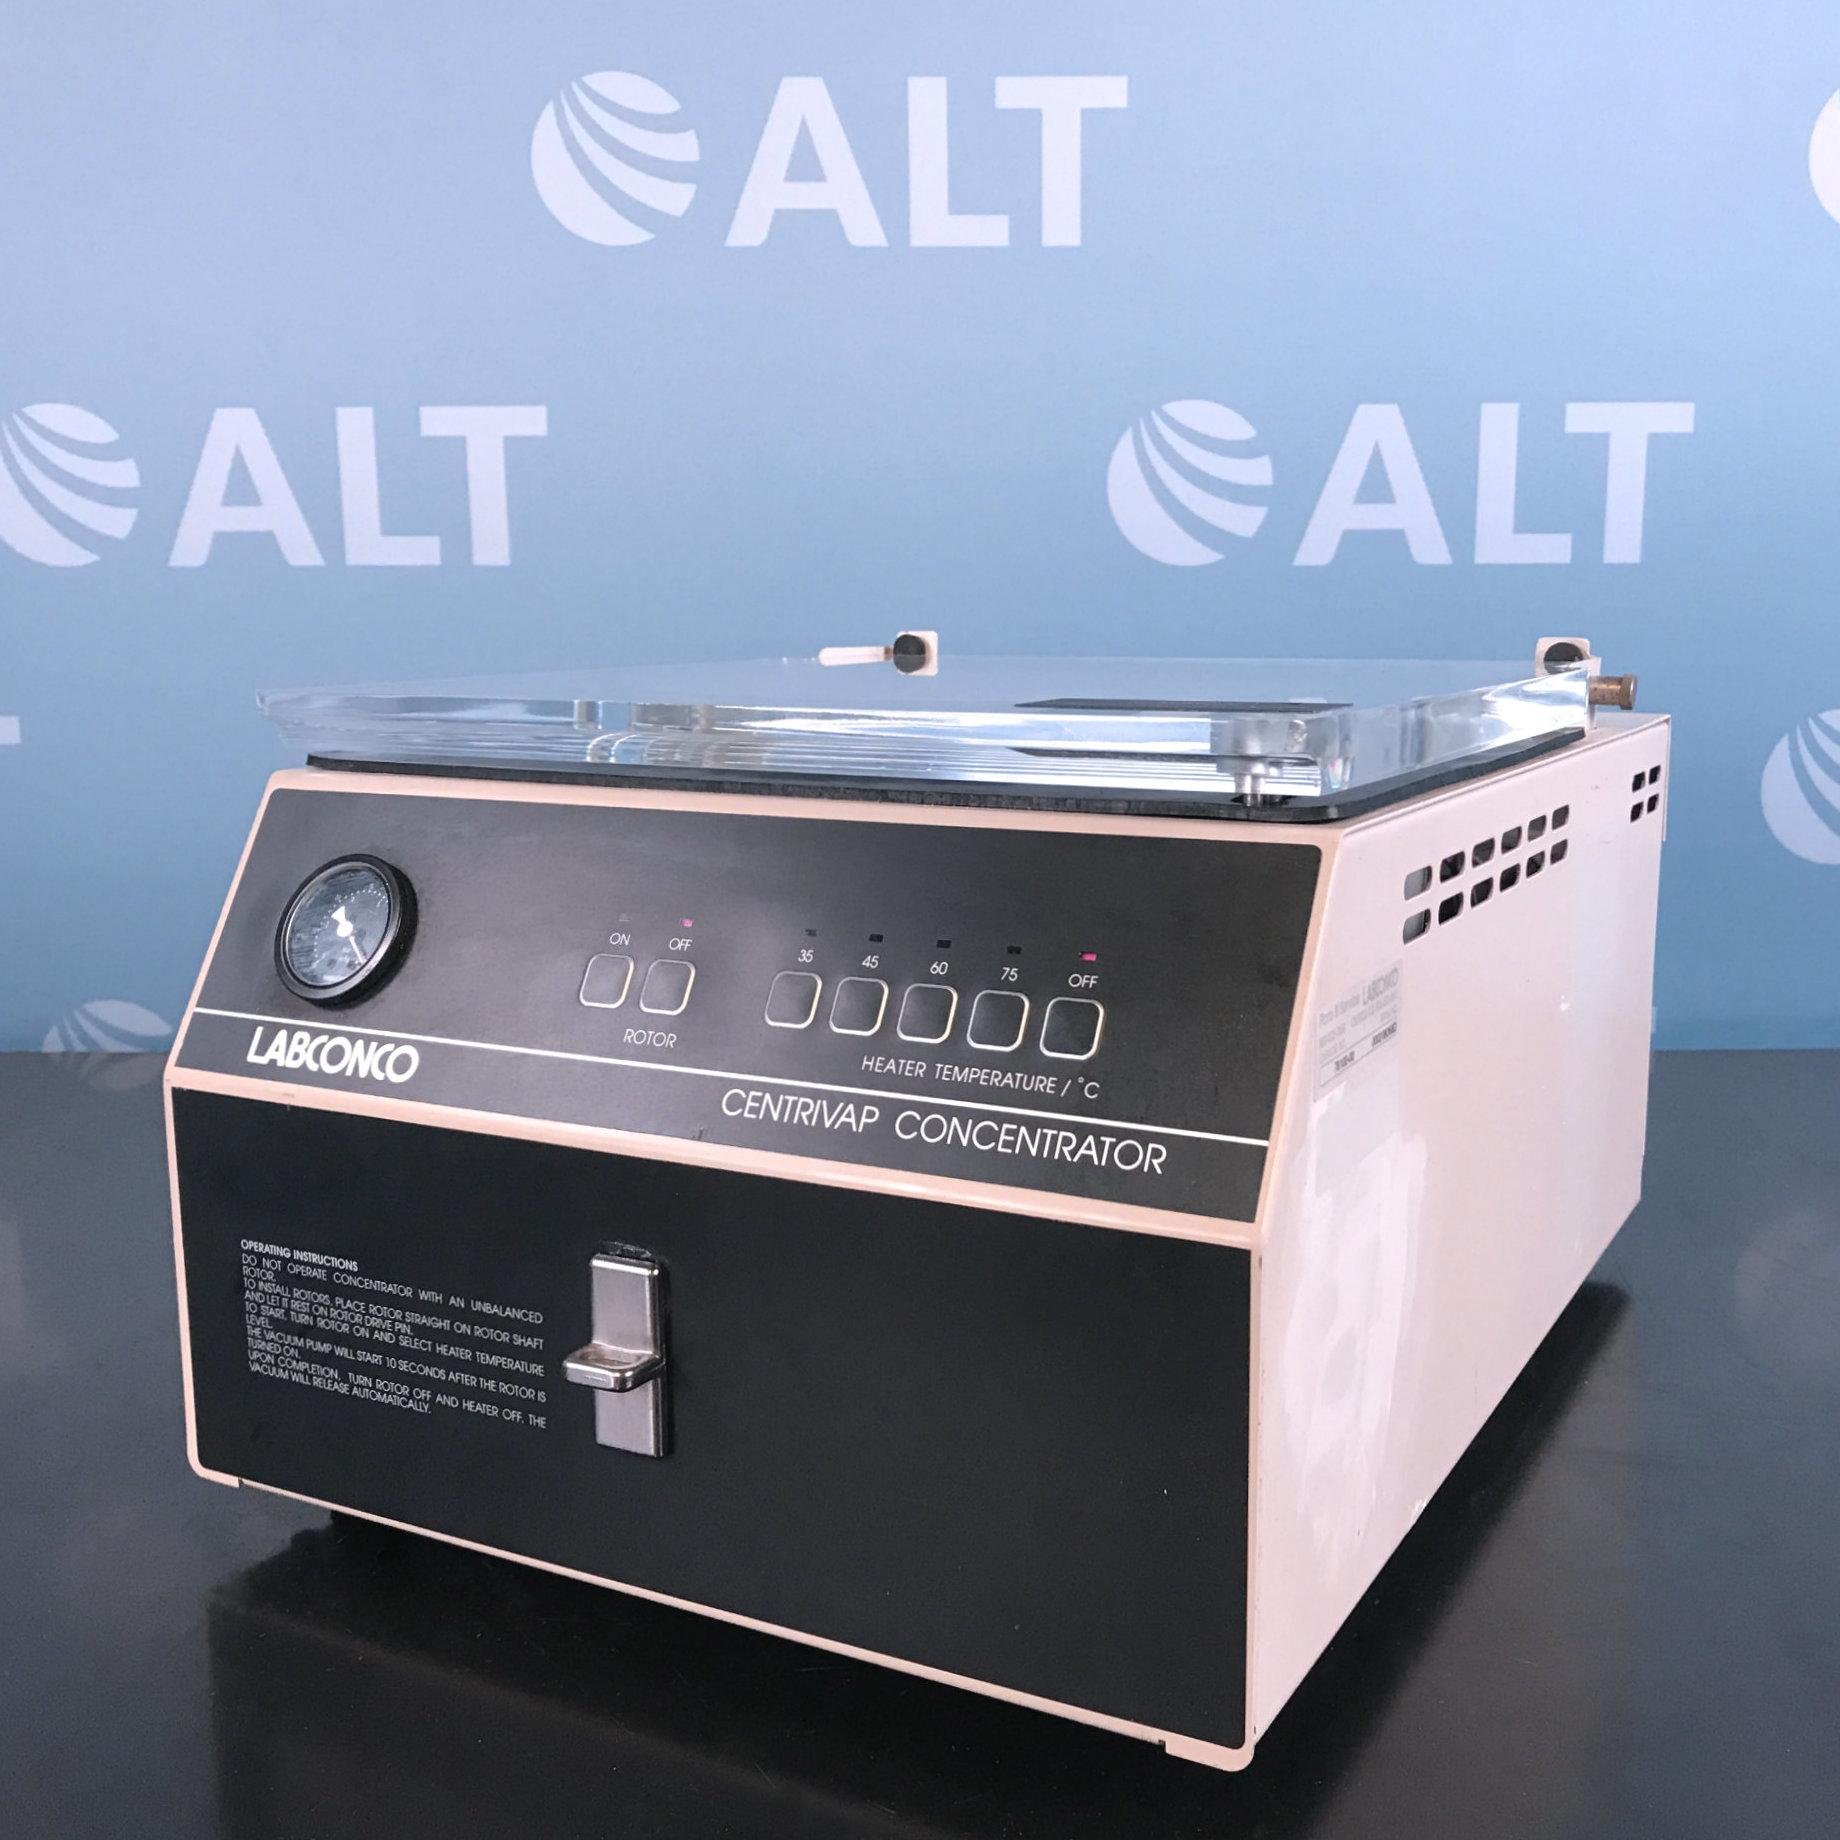 Labconco 78100-00 D Centrivap Concentrator Centrifuge Image